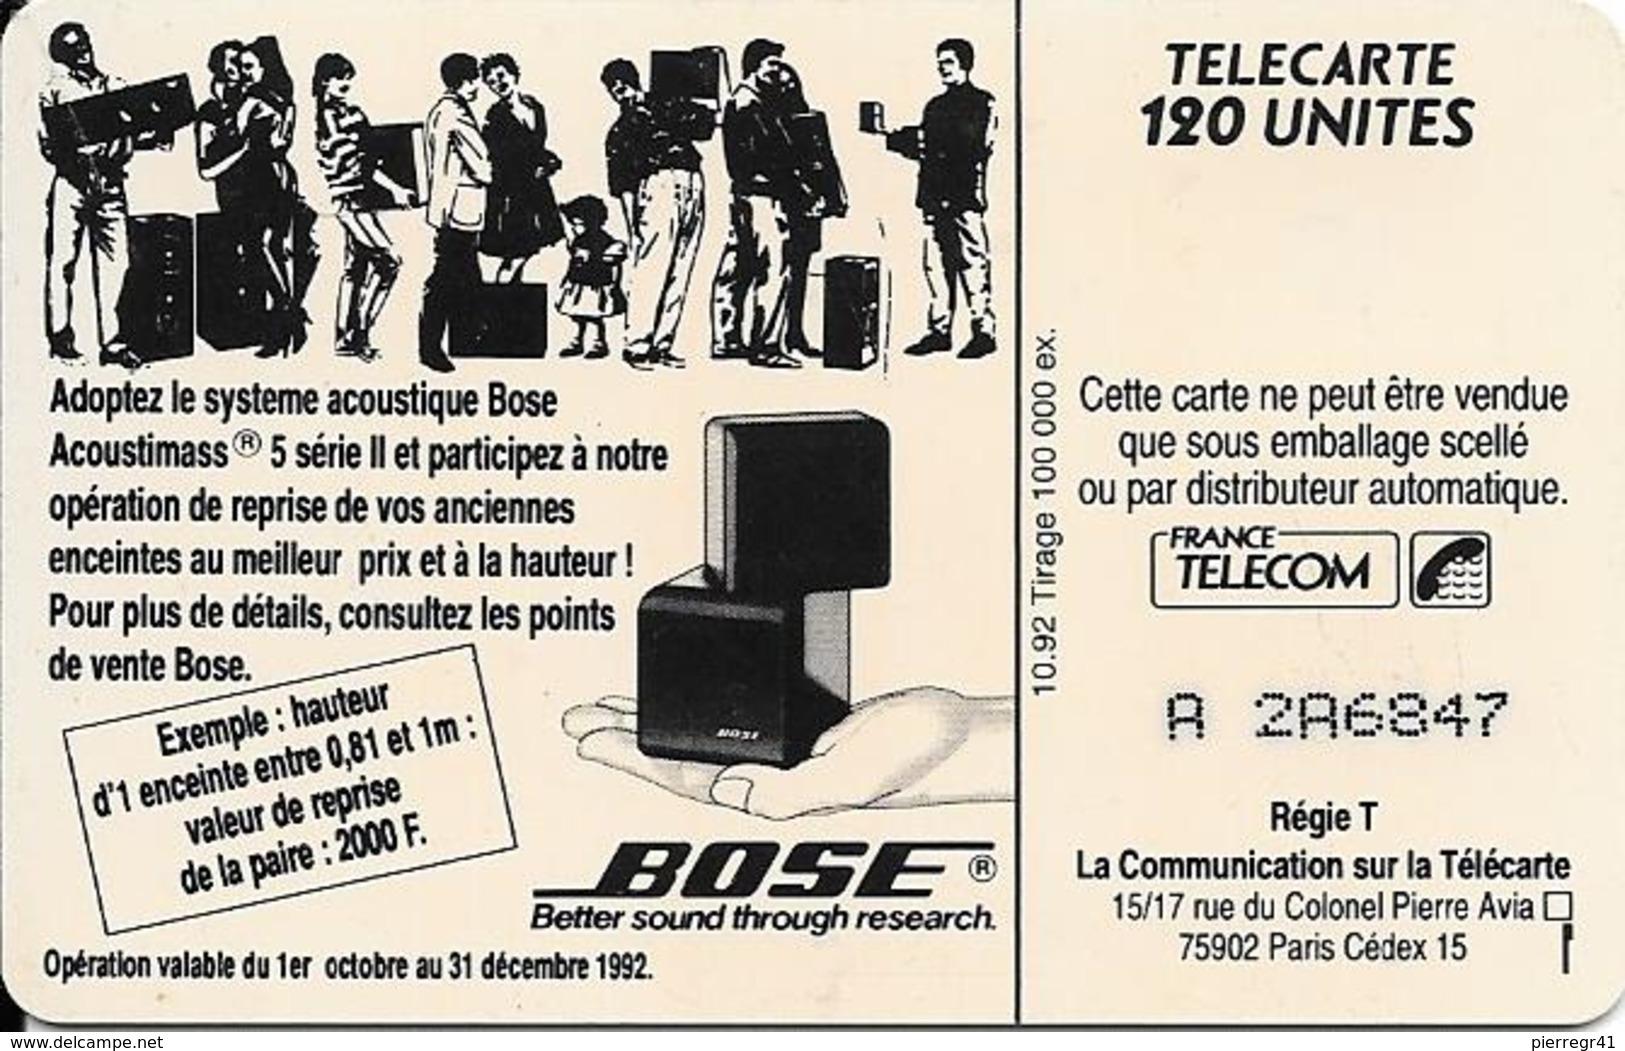 CARTE-PUBLIC-120U-10/92 -F-301-SERIE BOSE-TROMPETTE-2 Droit-N°A 2A6847--UTILISE-TBE- - 1992